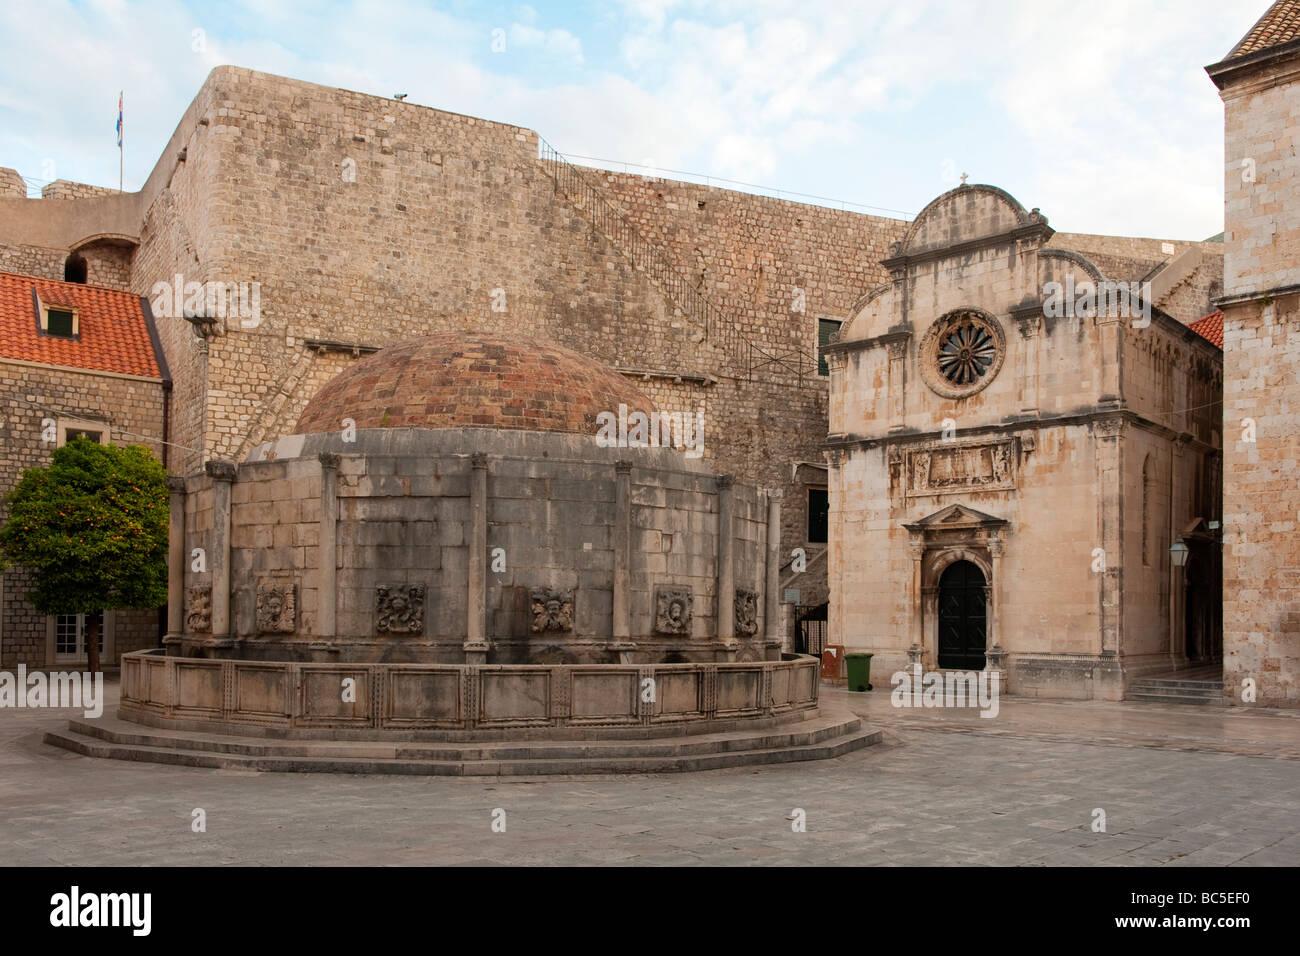 La grande fontaine d'Onofrio et l'église Saint Sauveur, Dubrovnik, Croatie Banque D'Images